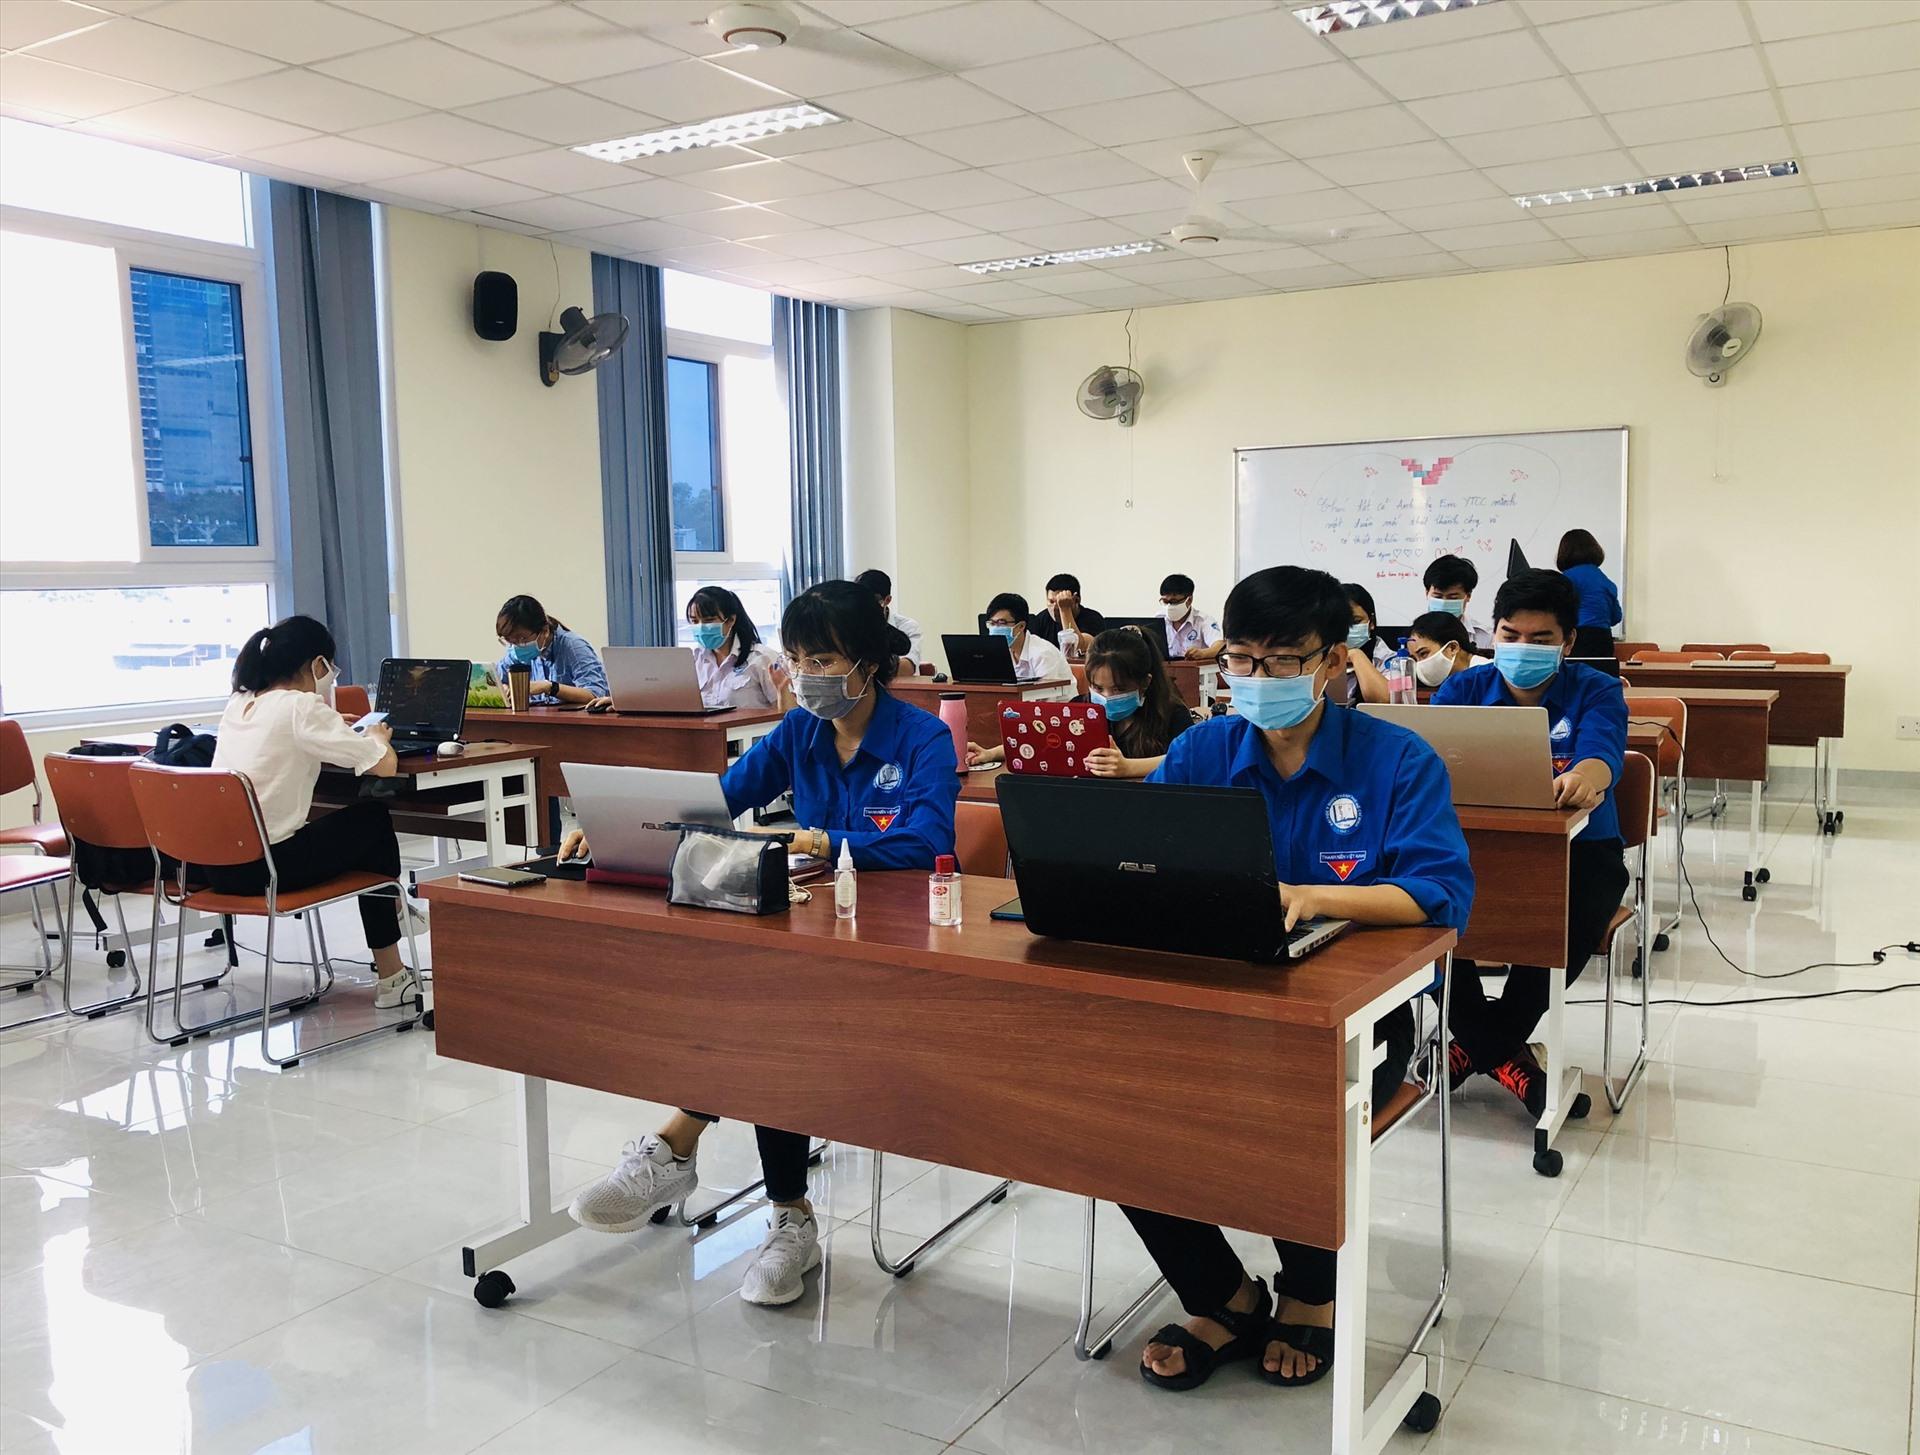 Sinh viên hỗ trợ chống dịch tại HCDC. Ảnh: Minh Khang